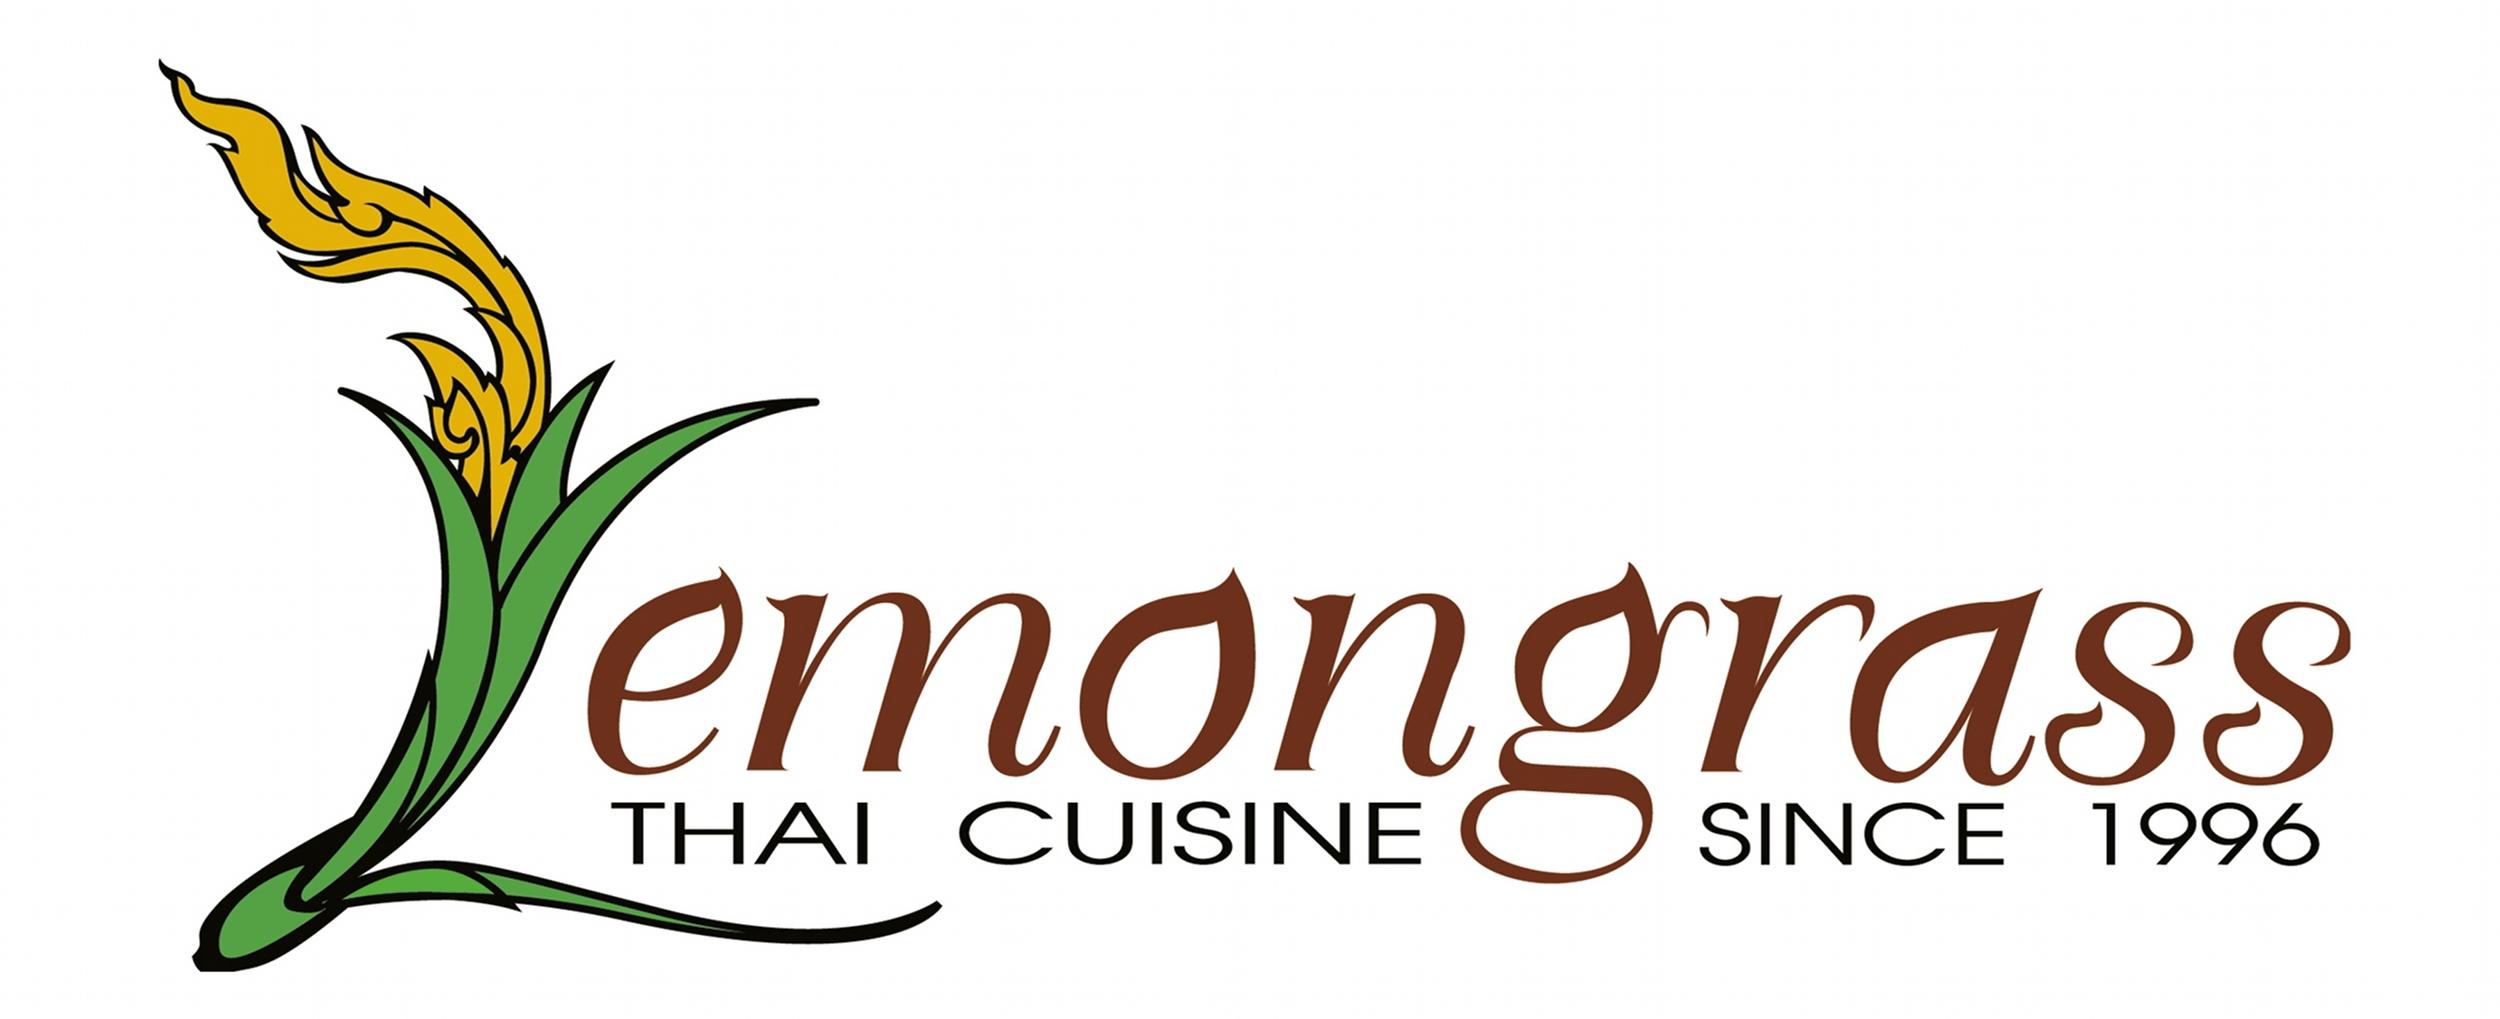 Logo Lemongrass large.jpg